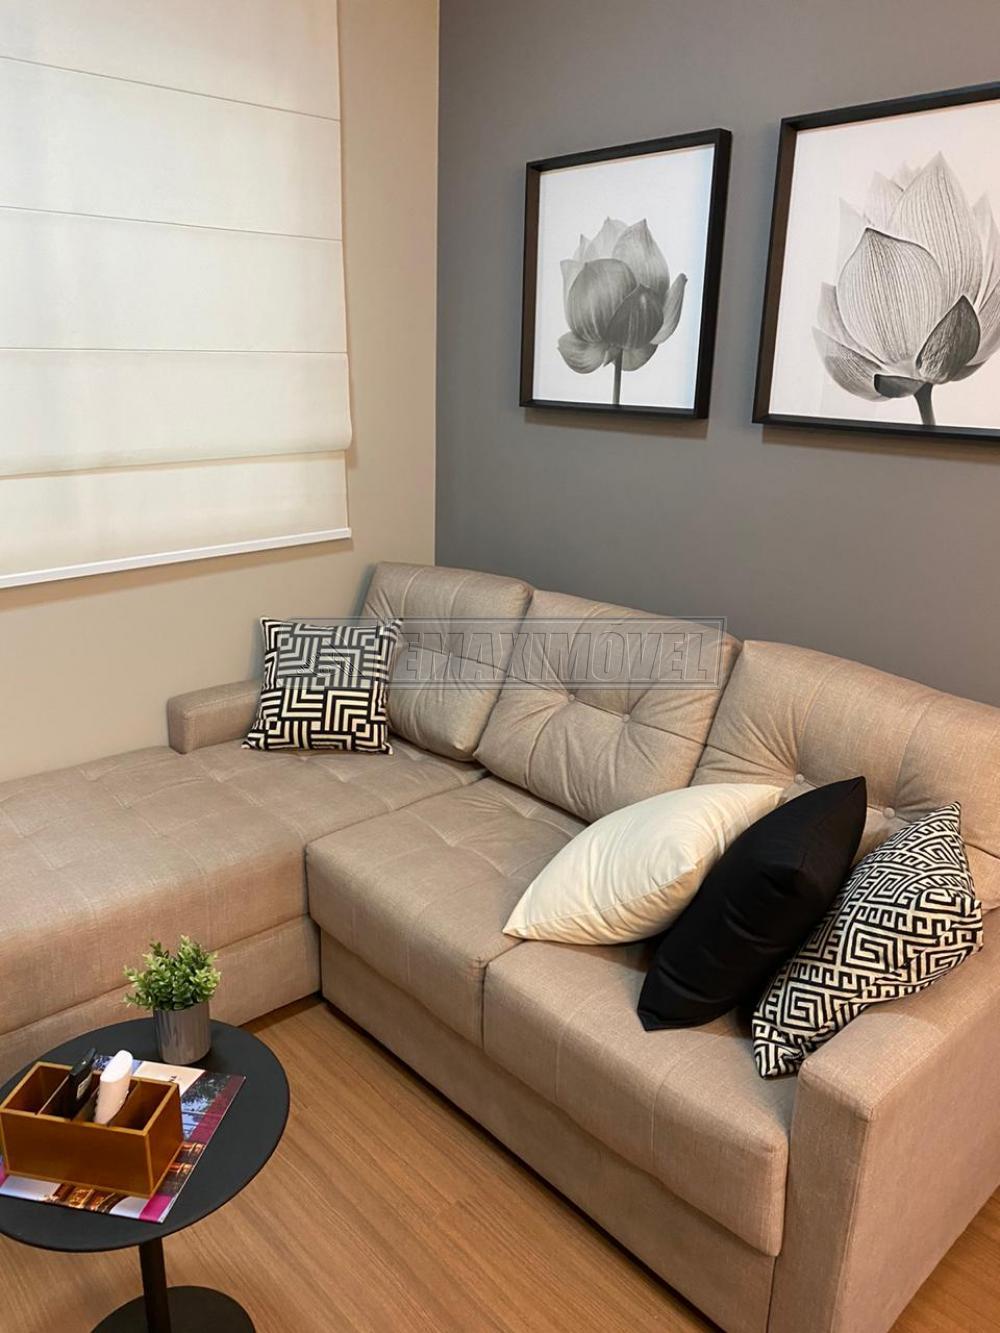 Comprar Apartamentos / Apto Padrão em Sorocaba R$ 159.000,00 - Foto 2